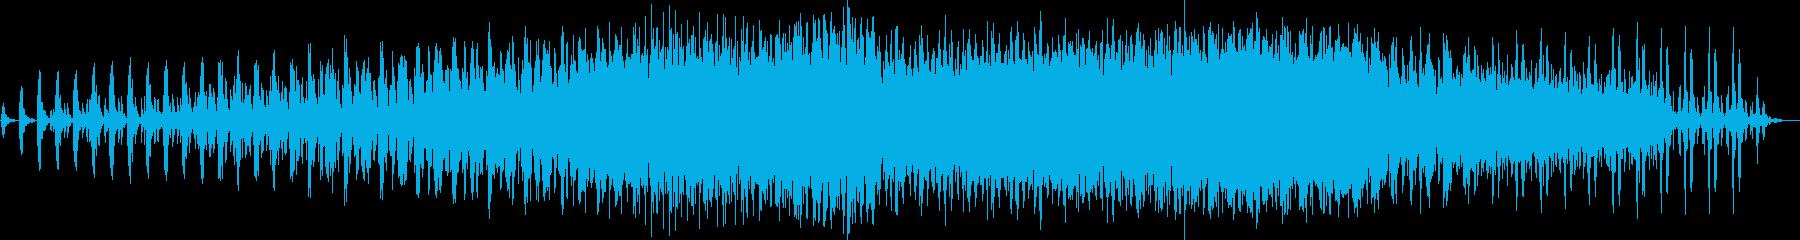 謎めいた雰囲気のミニマルテクノの再生済みの波形